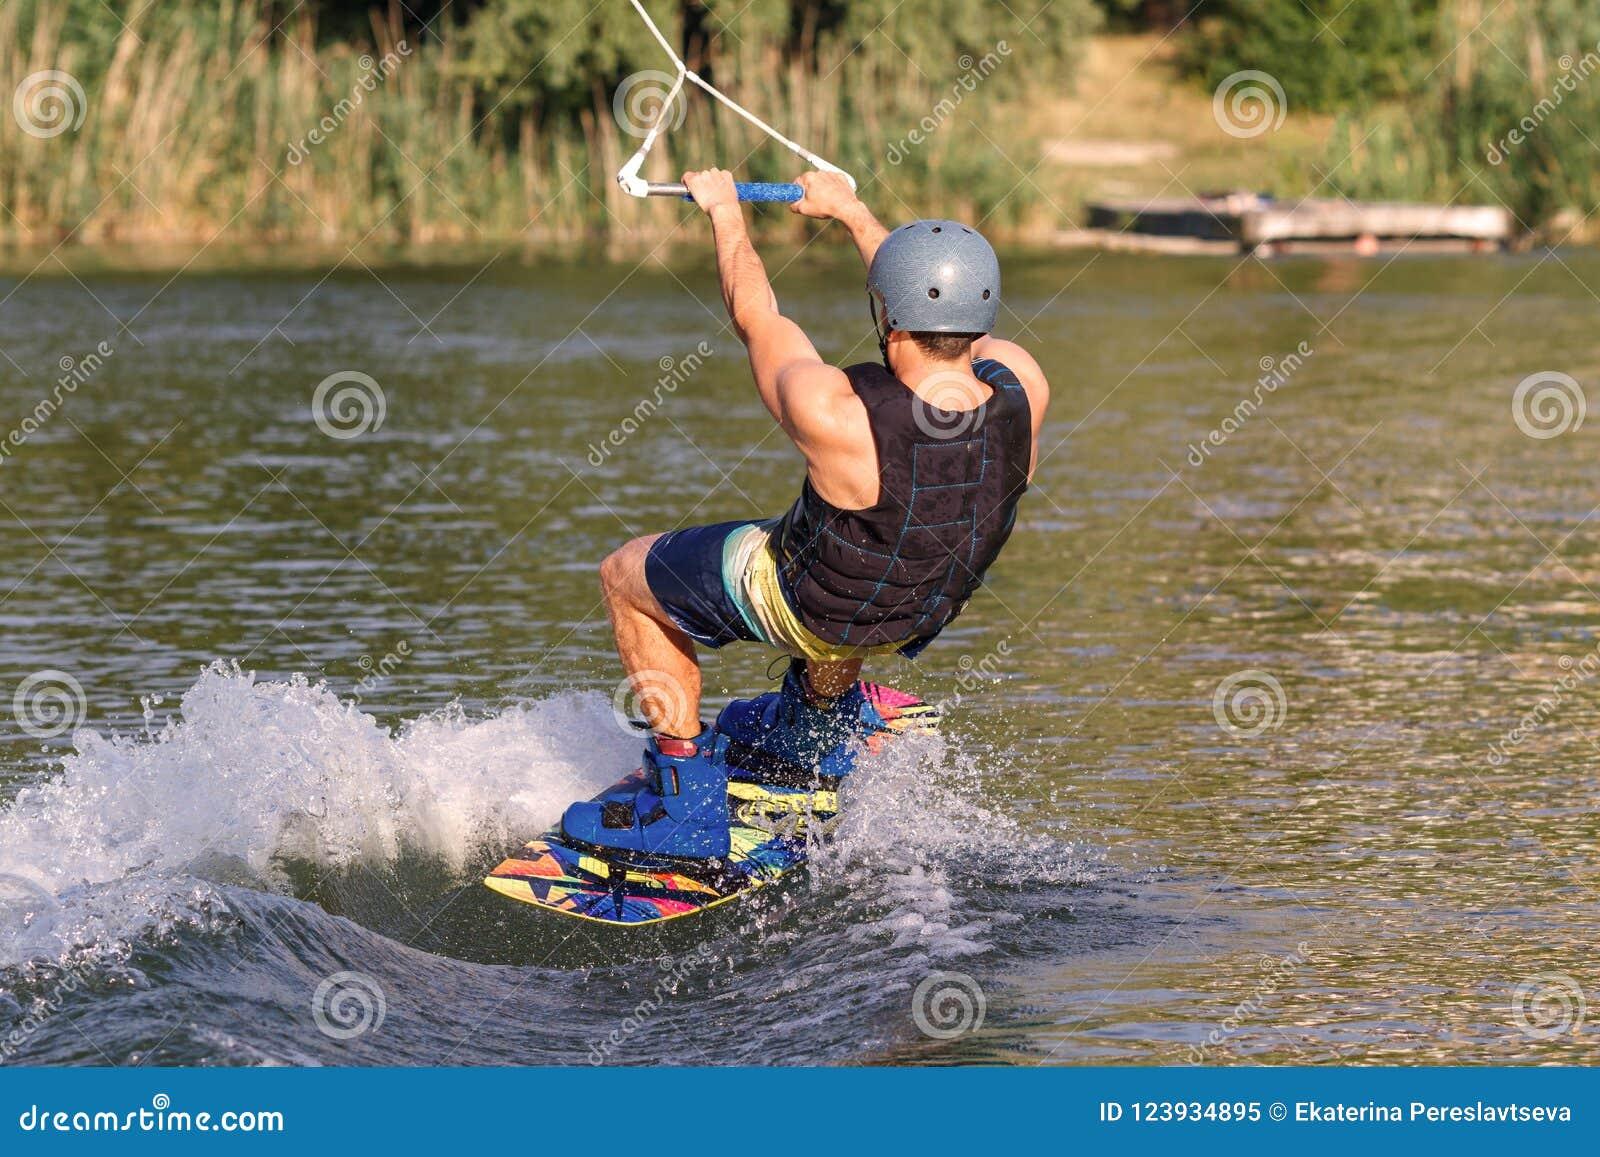 Ένα άτομο που ασχολείται με το wakeboard στη λίμνη εκτελεί τα άλματα